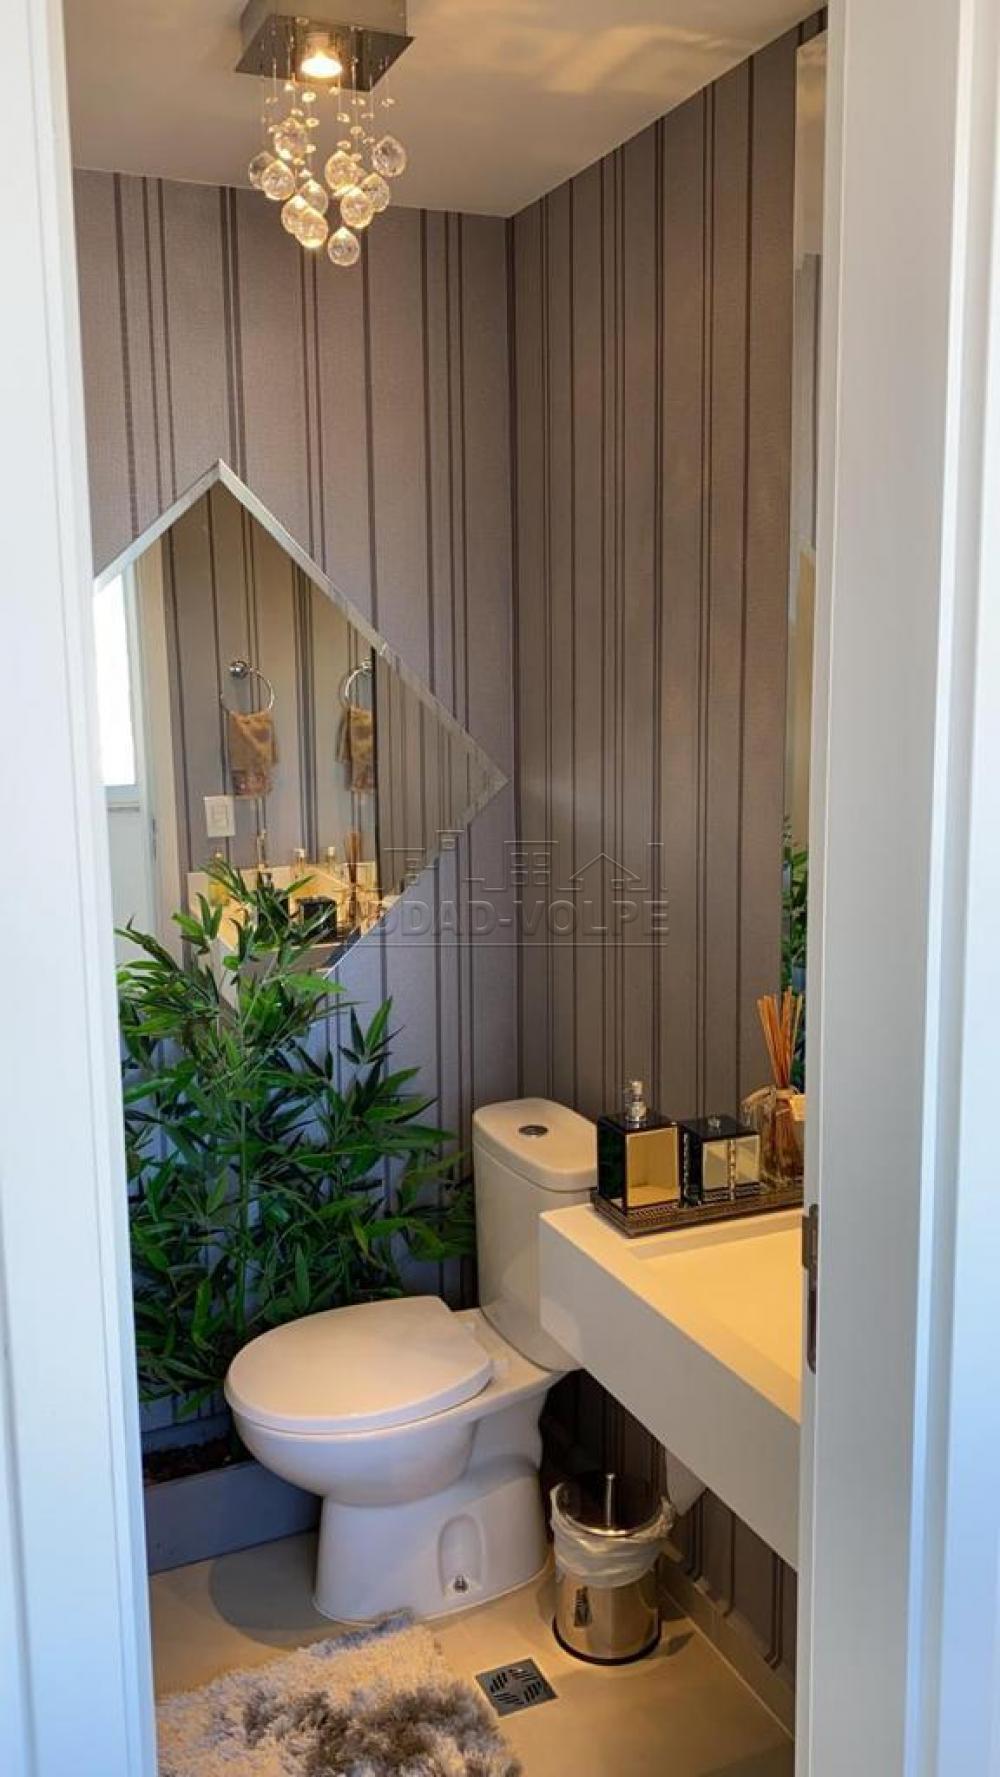 Comprar Apartamento / Padrão em Bauru R$ 990.000,00 - Foto 8